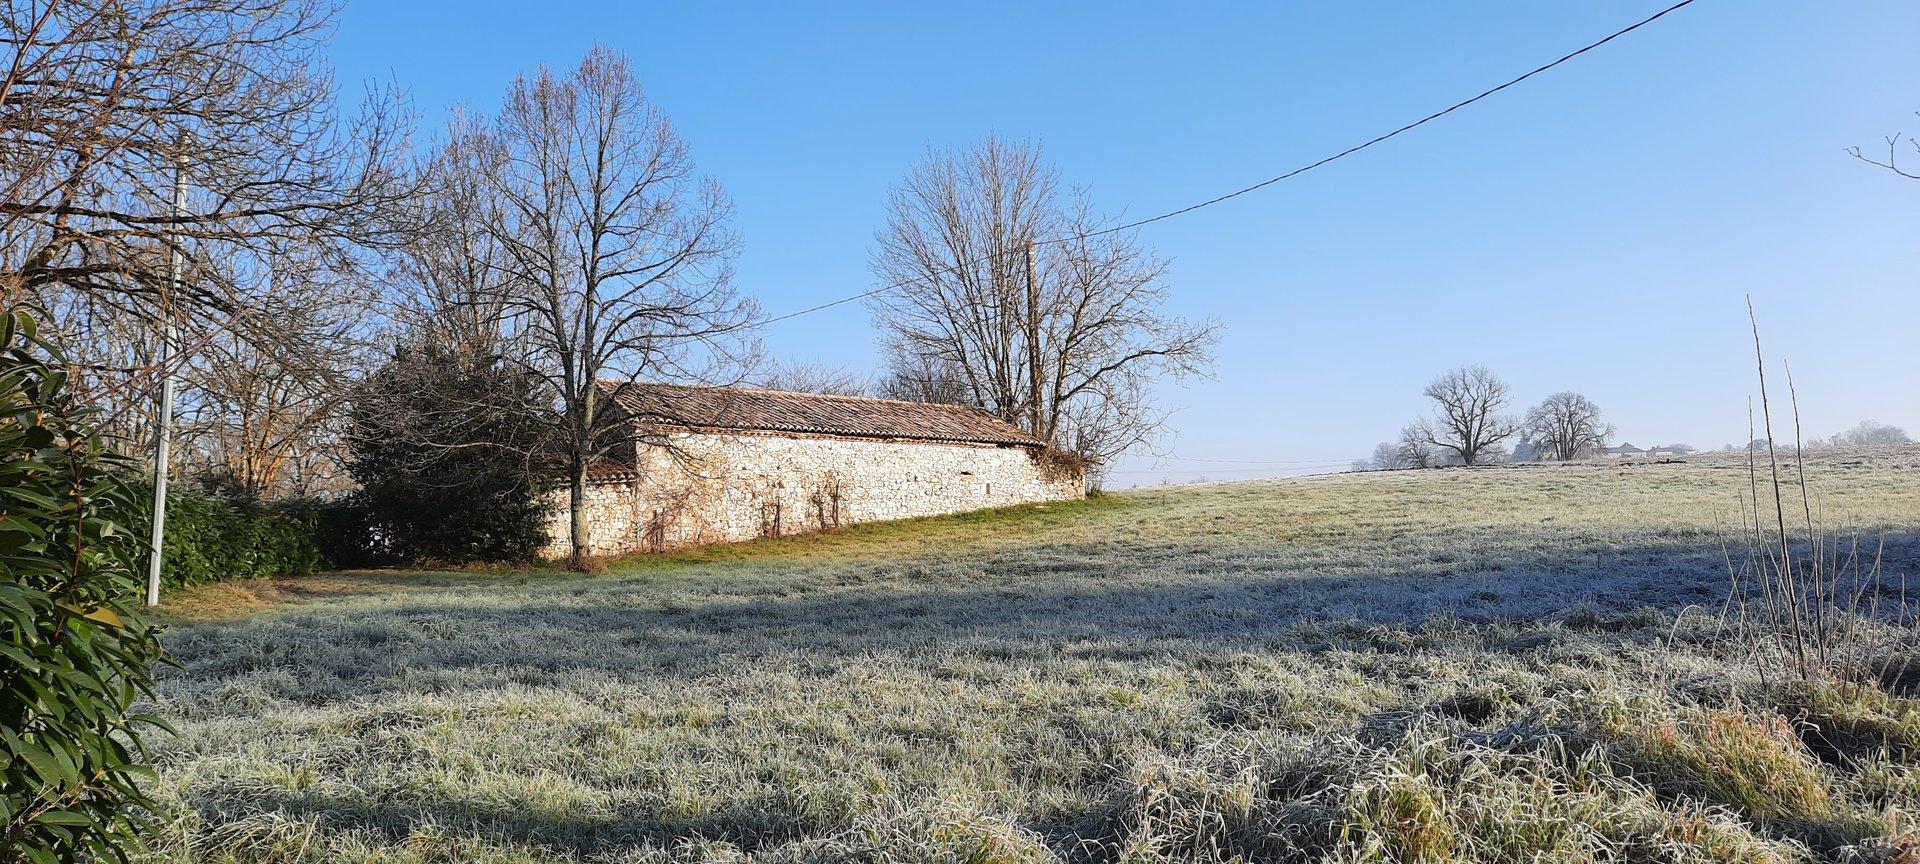 Rare, small stone barn with CU